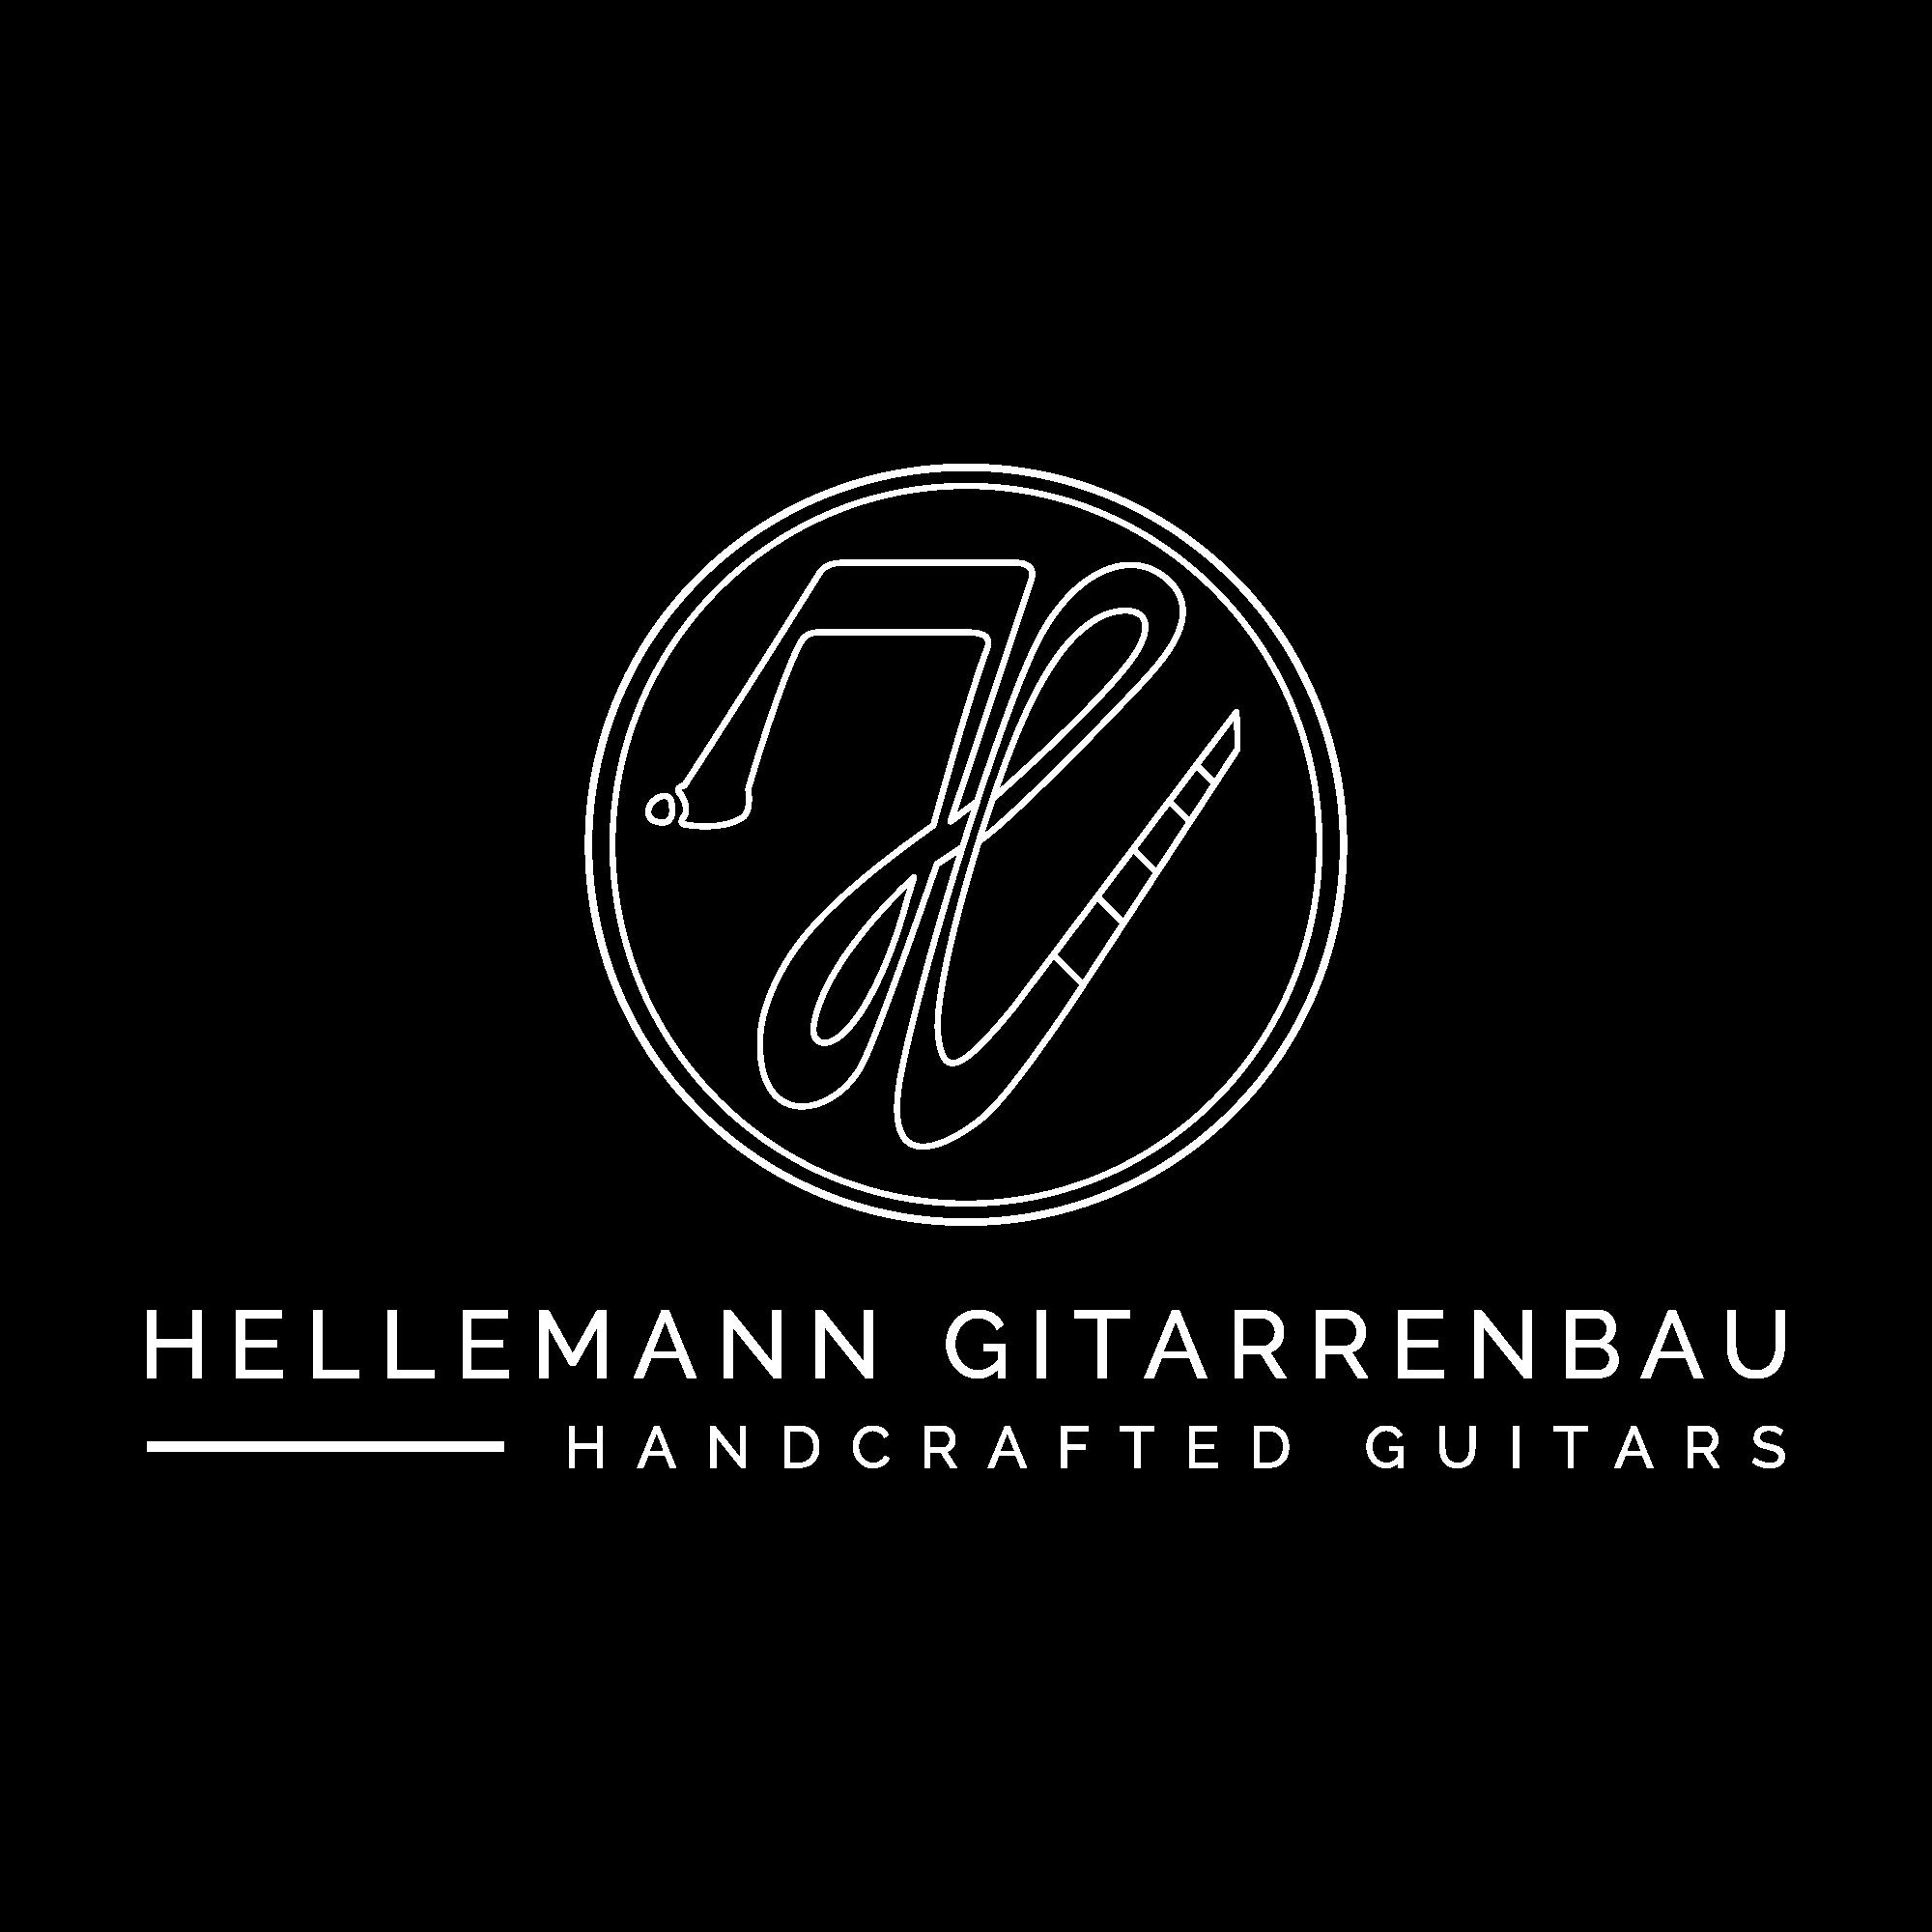 Hellemann-Gitarrenbau-Logo-A.png